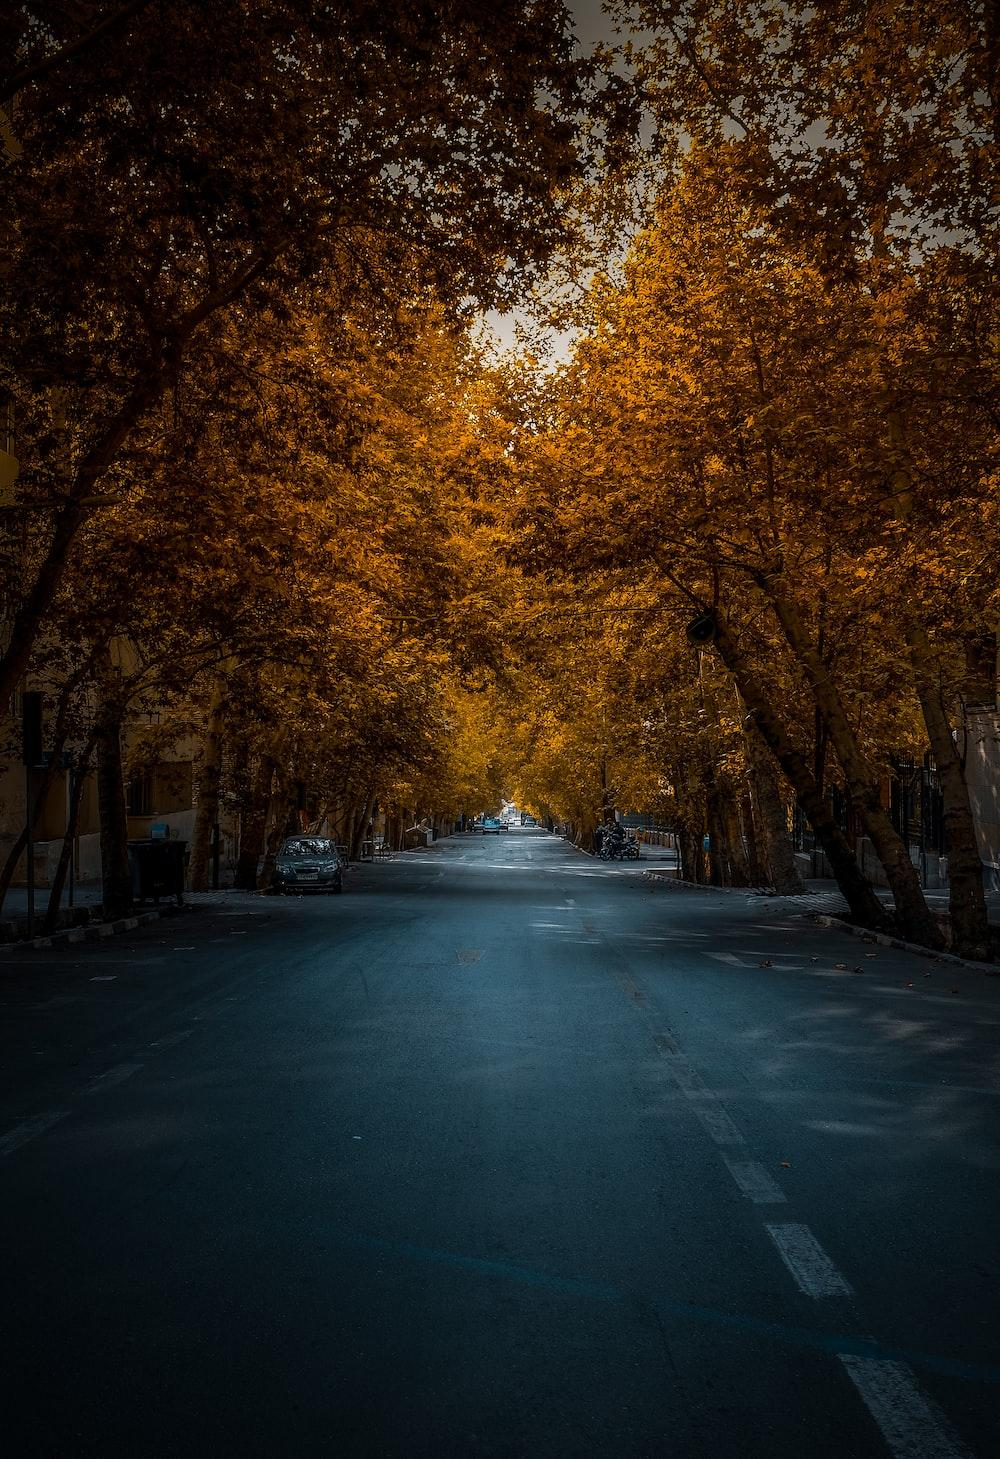 empty road between maple trees